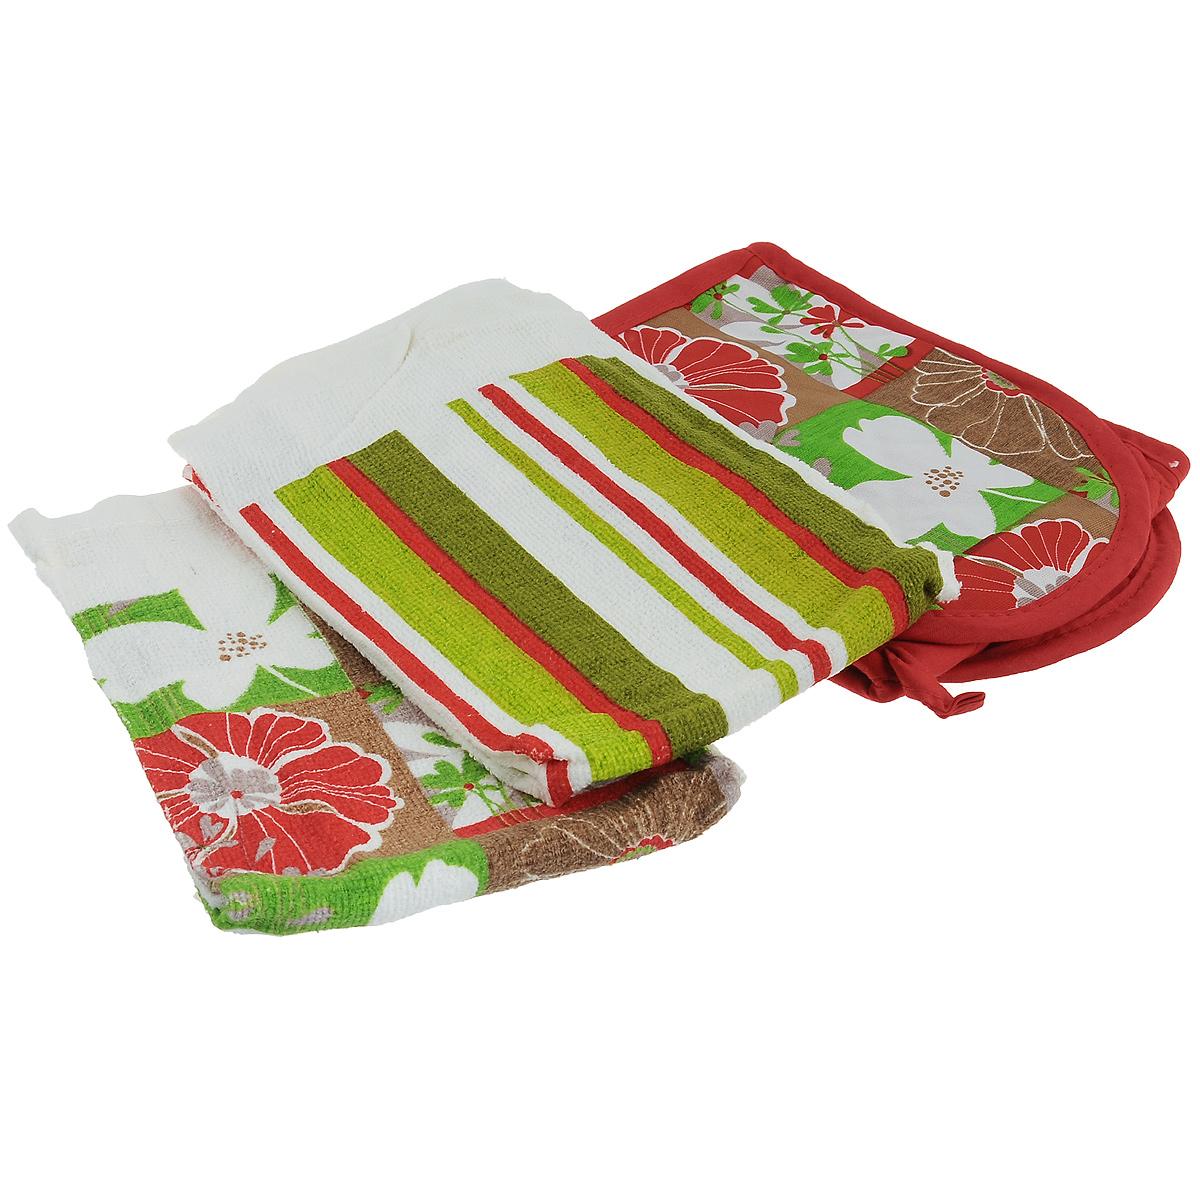 Набор для кухни Primavelle Цветы, 3 предмета49328584-f25Набор для кухни Primavelle Цветы состоит из двойной прихватки и двух полотенец. Предметы набора изготовлены из натурального хлопка и оформлены ярким цветочным изображением.Полотенца подарят вам мягкость и необыкновенный комфорт в использовании. Они идеально впитывают влагу и сохраняют свою необычайную мягкость даже после многих стирок.Стеганая двойная прихватка снабжена кармашками для рук и петелькой для удобного подвешивания на крючок. Такой комплект украсит ваш интерьер или станет прекрасным подарком. Размер полотенец: 63 см х 38 см.Размер прихватки: 78,5 см х 16,3 см.